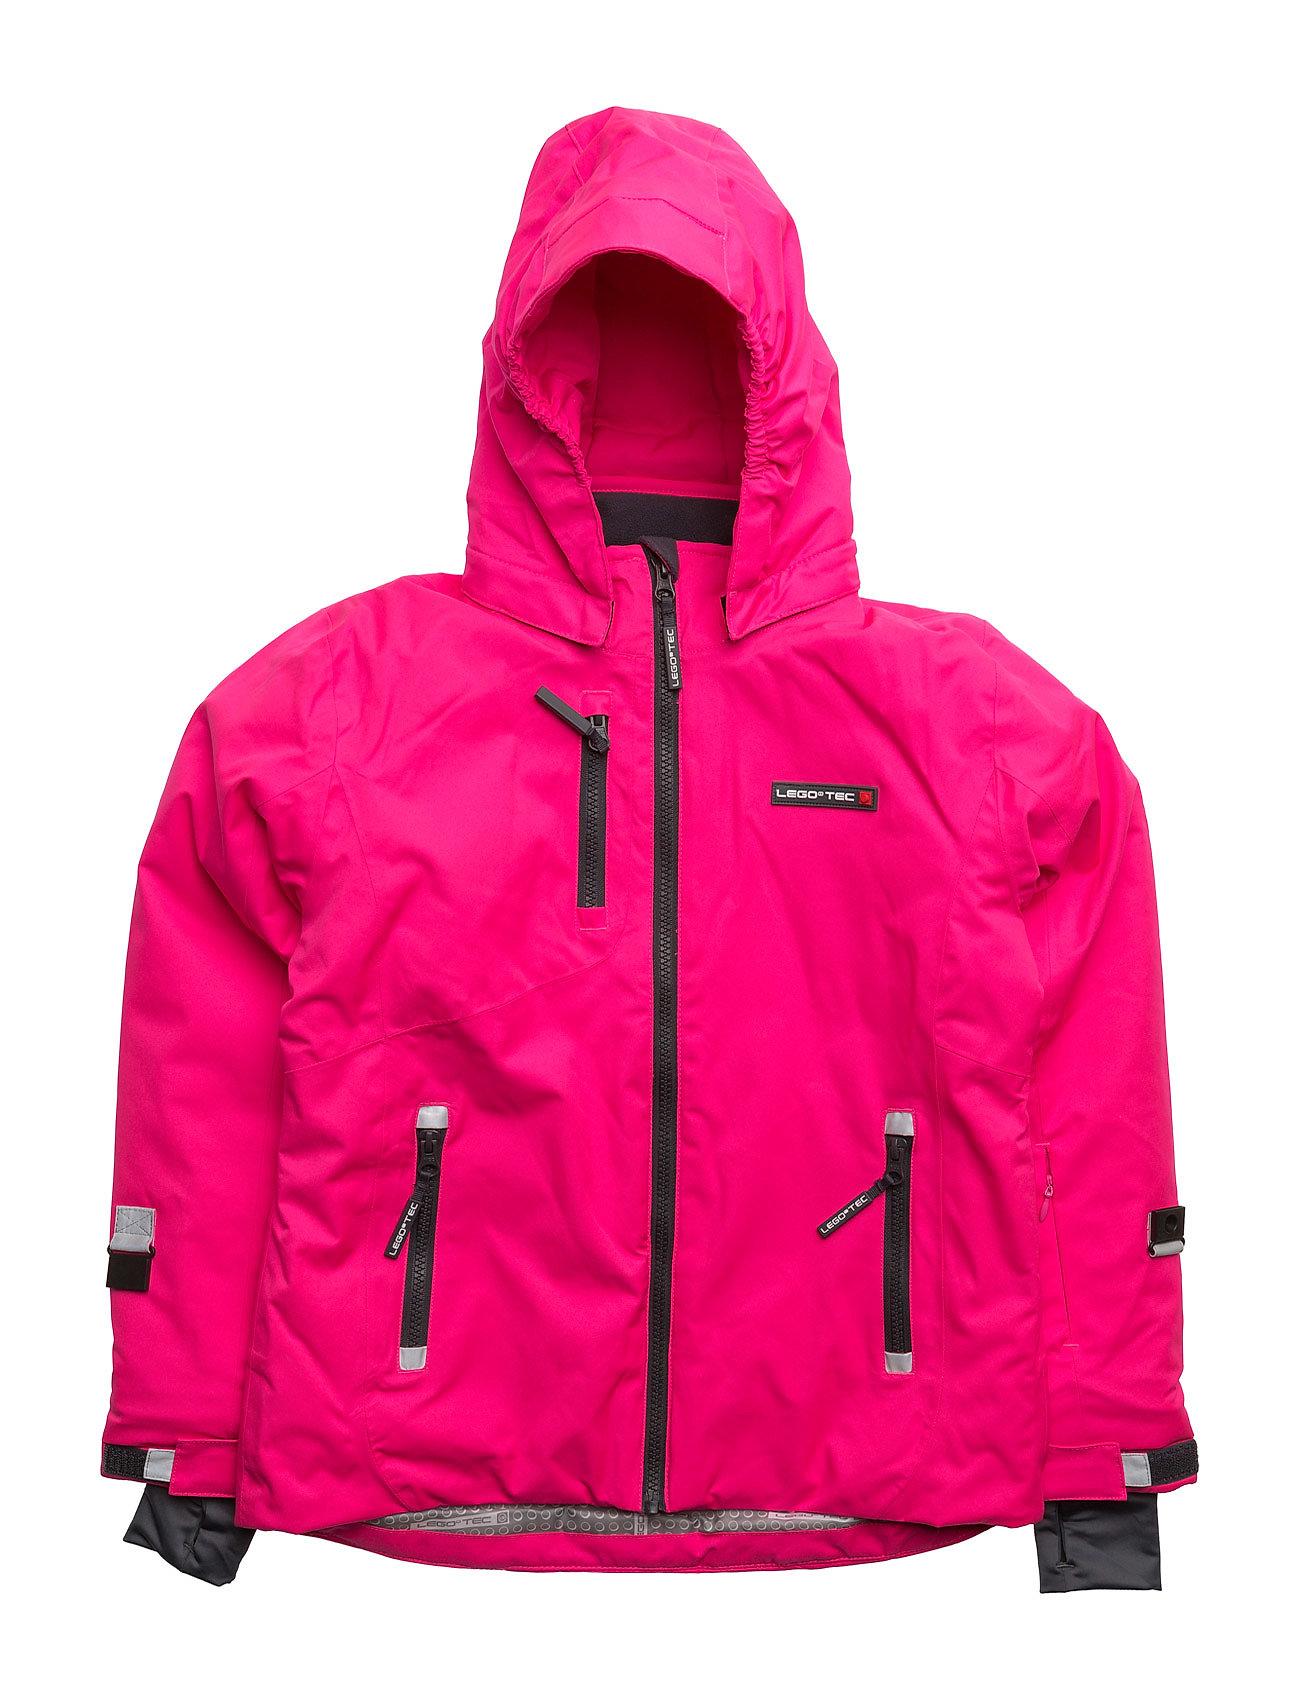 Jenny 880 - Jacket (Dark Pink) (£99.99) - Lego wear | Boozt.com